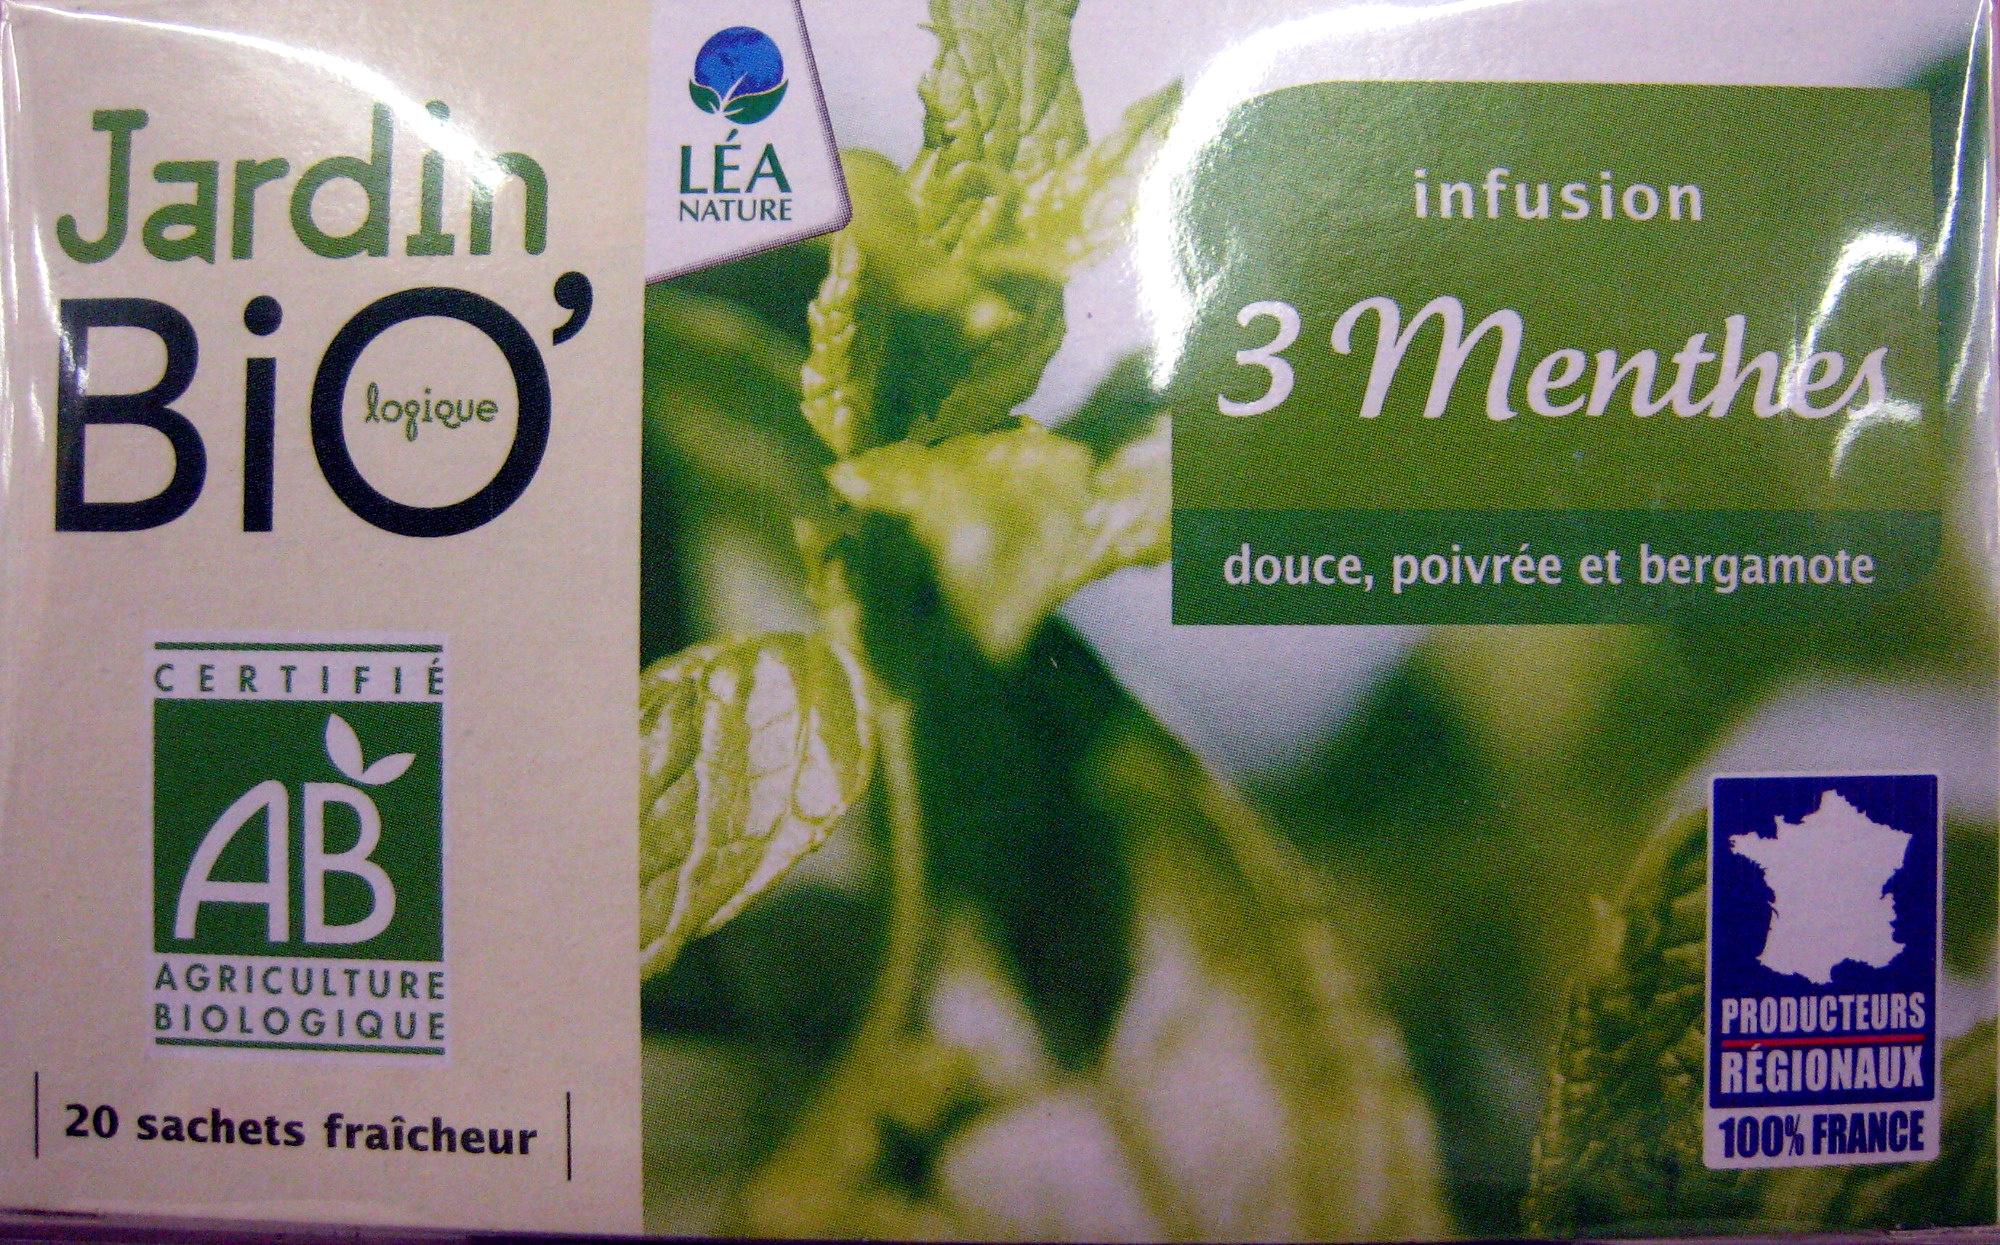 Infusion 3 Menthes Jardin Bio - 30 G (20 Sachets De 1,5 G) dedans Jardin Bio Infusion